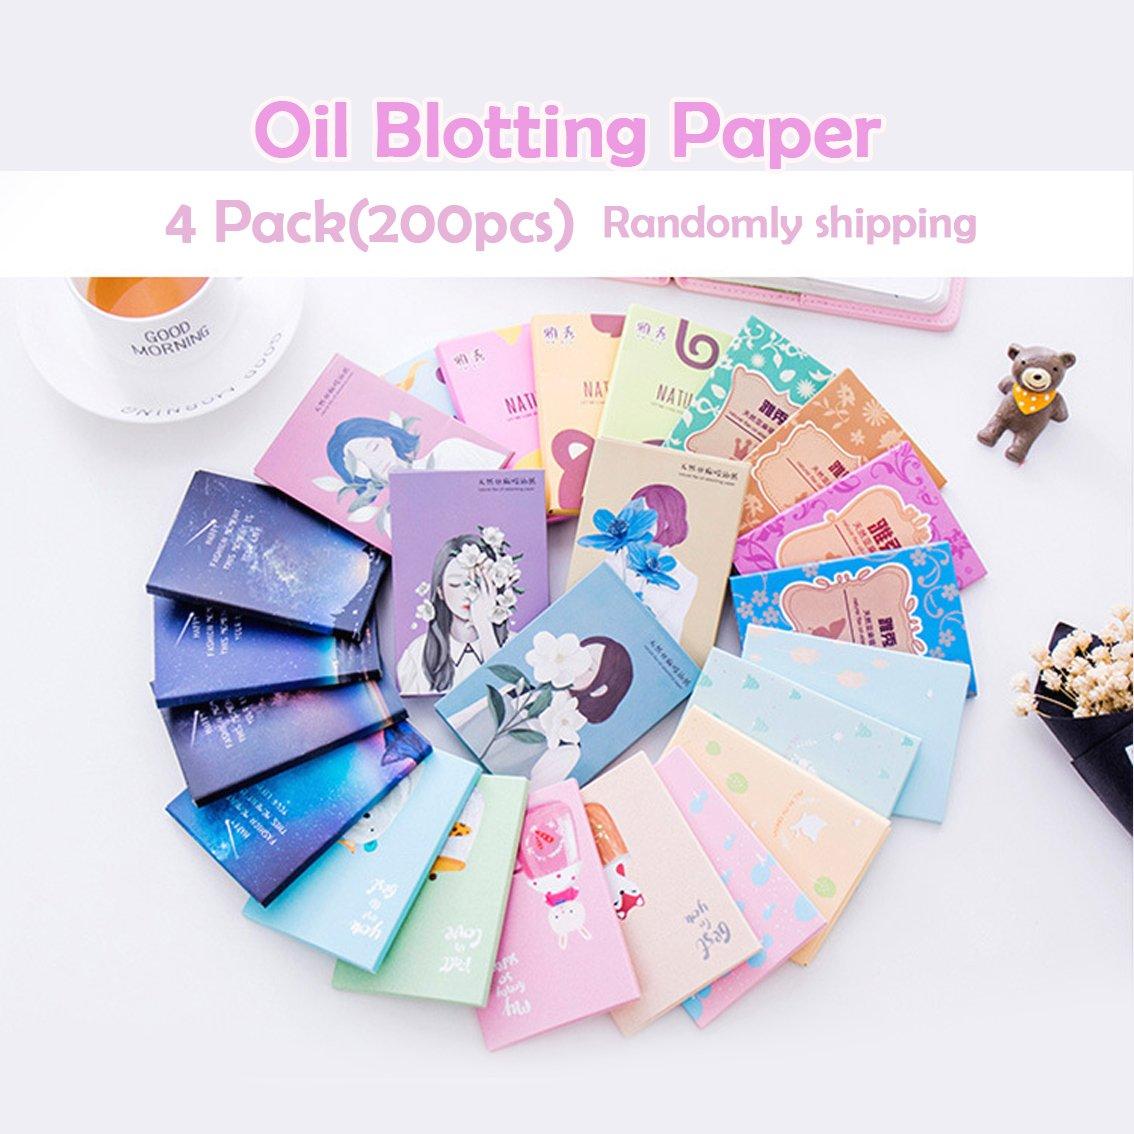 Carta assorbente per l'olio Tessuti assorbenti per il viso Premium Fogli per il controllo del petrolio Lino naturale Easy Take Out Design 200Pcs (4 pezzi) (200 pezzi)